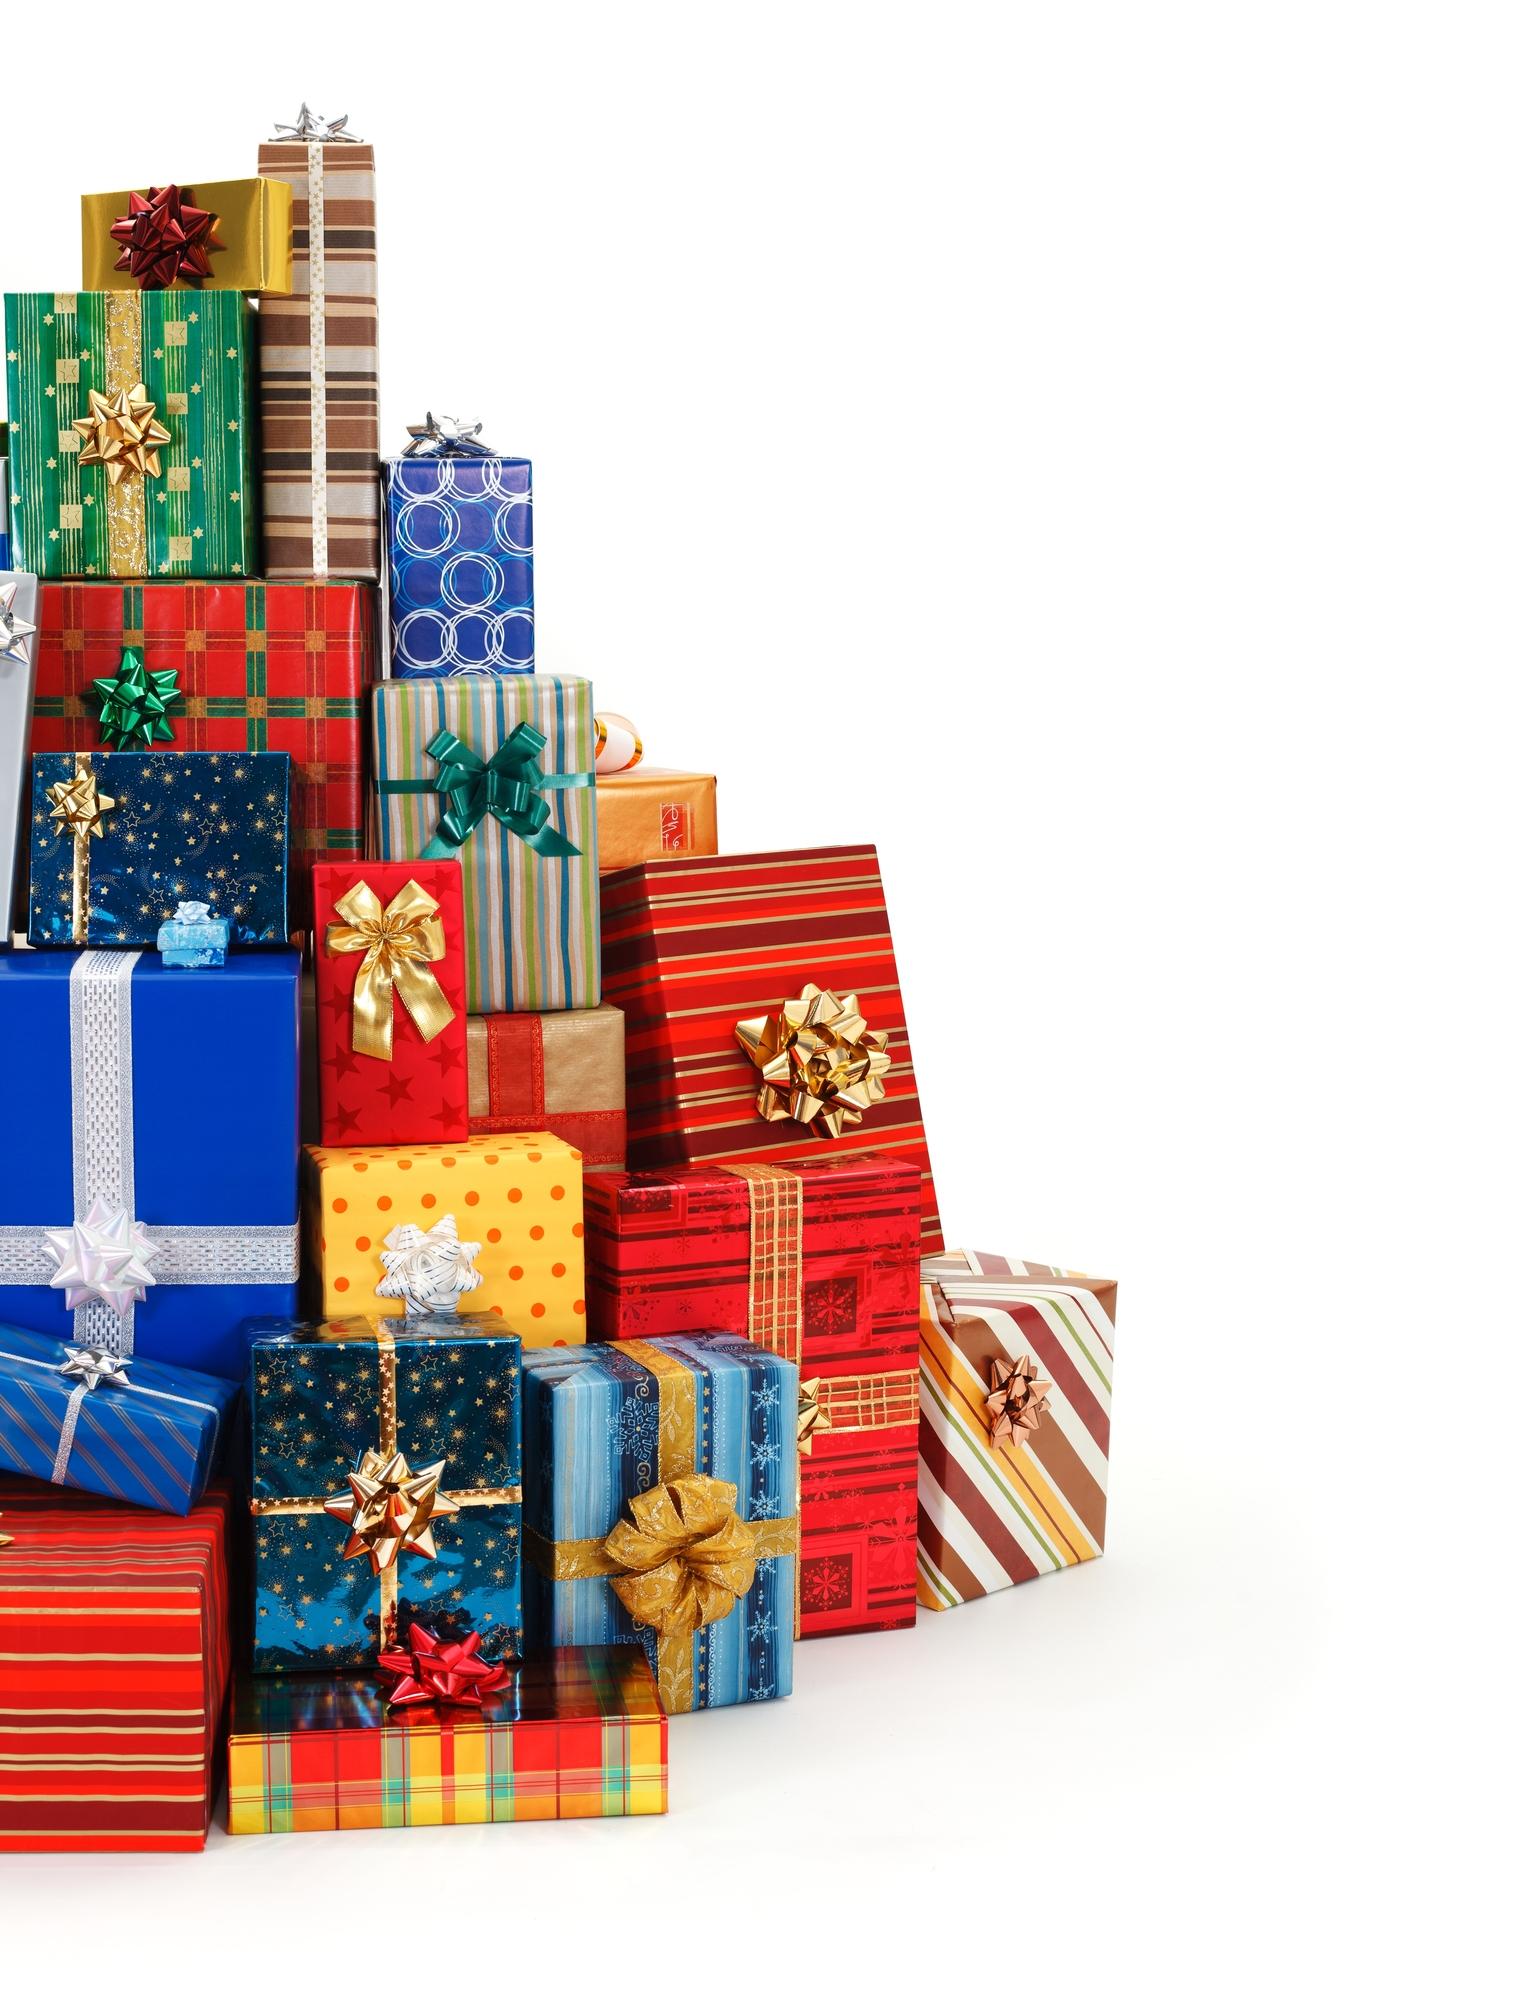 świąteczne zwroty po angielsku